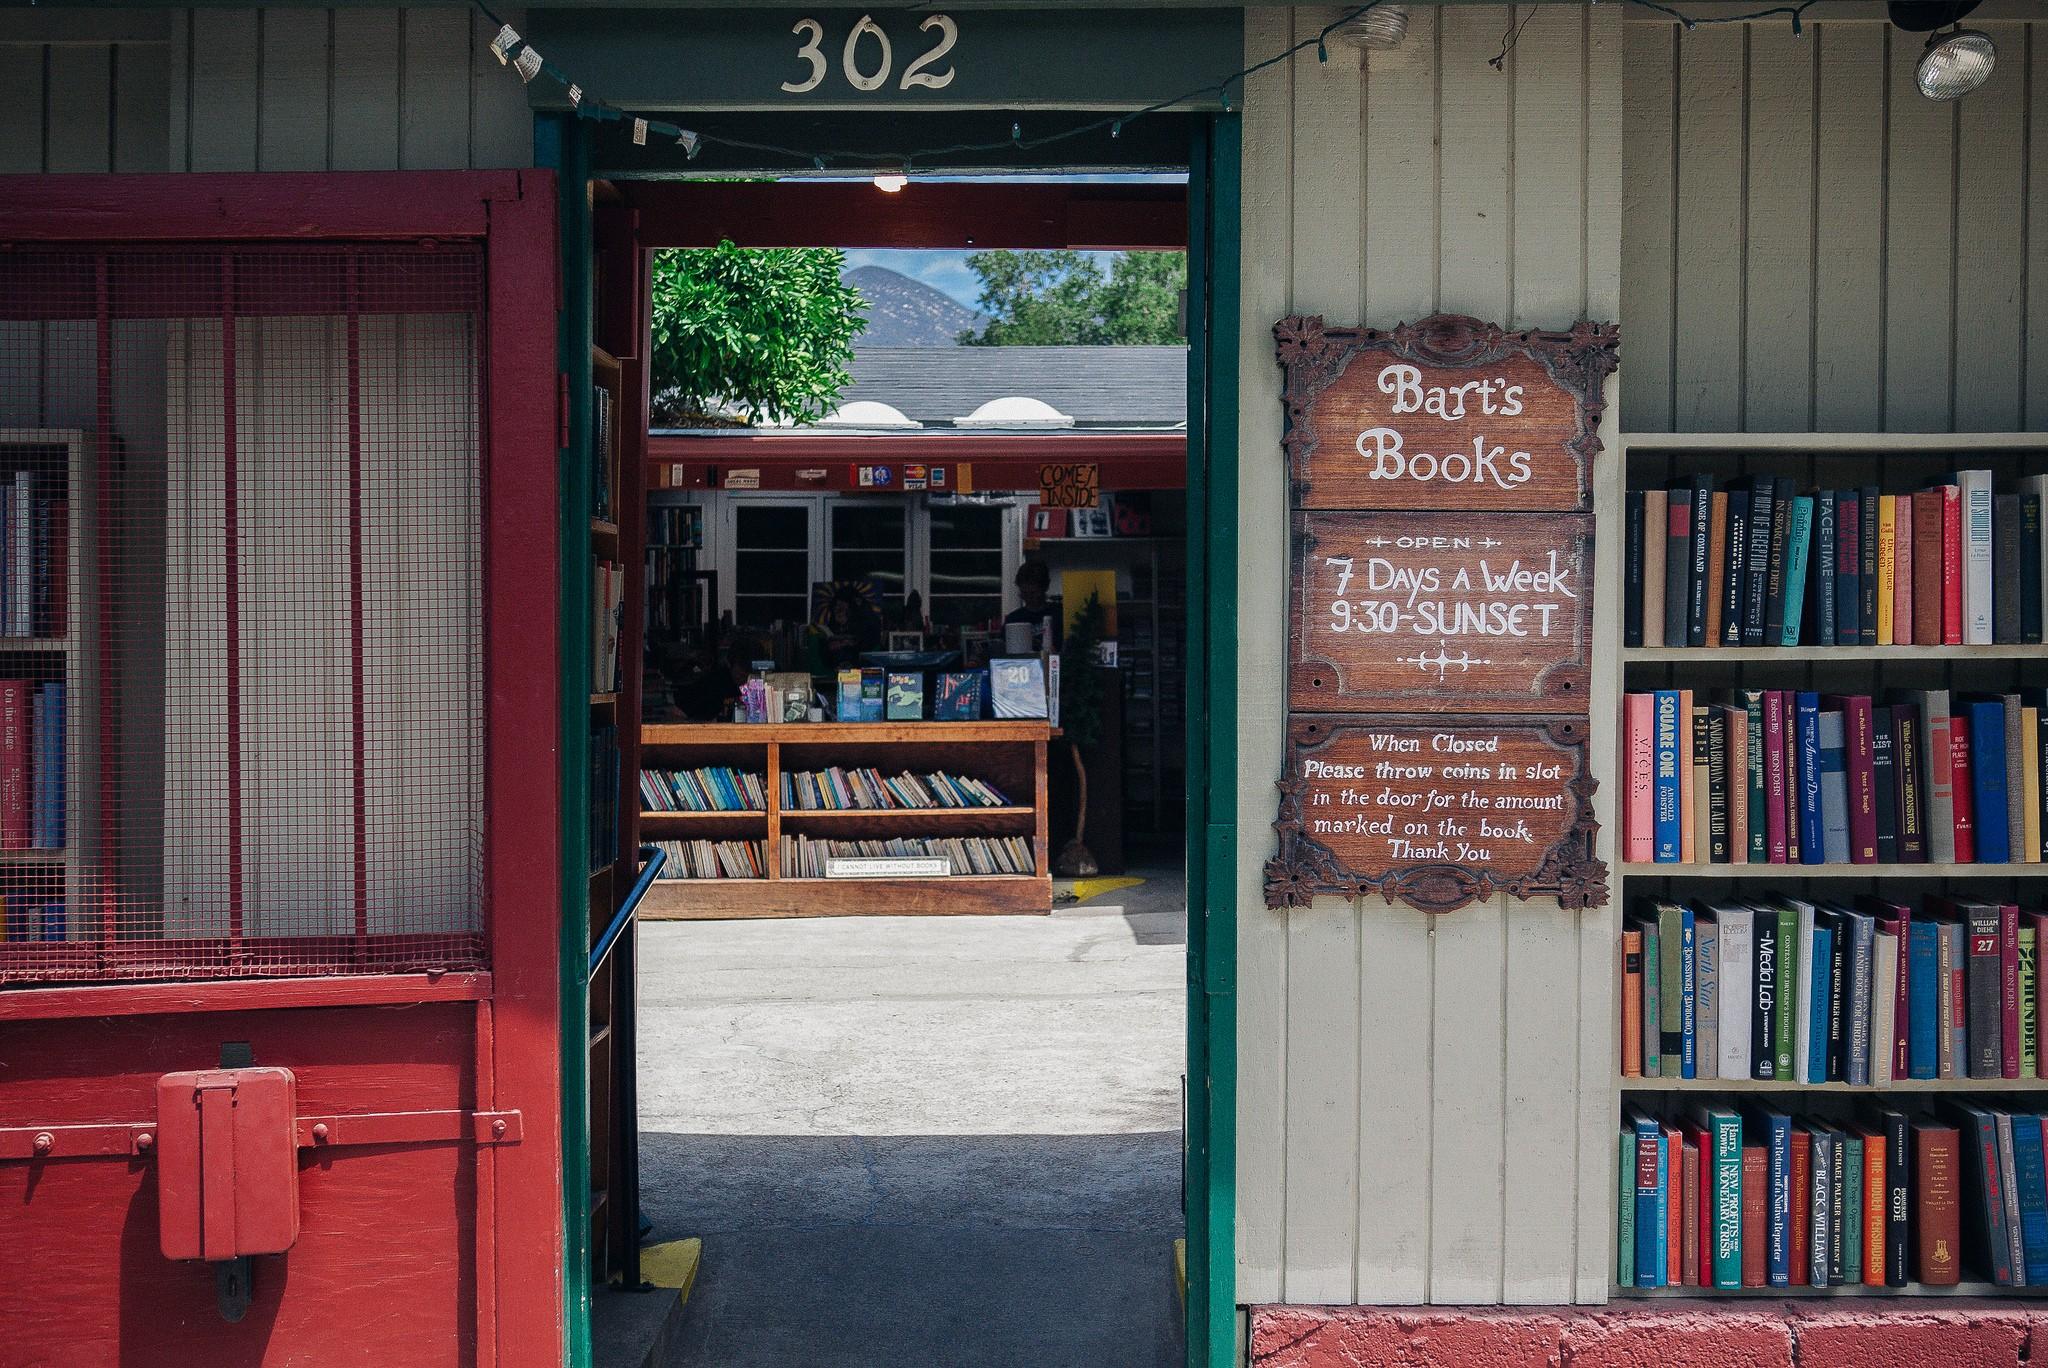 Bart's Books - Ojai, Estados Unidos (Foto: Reprodução)